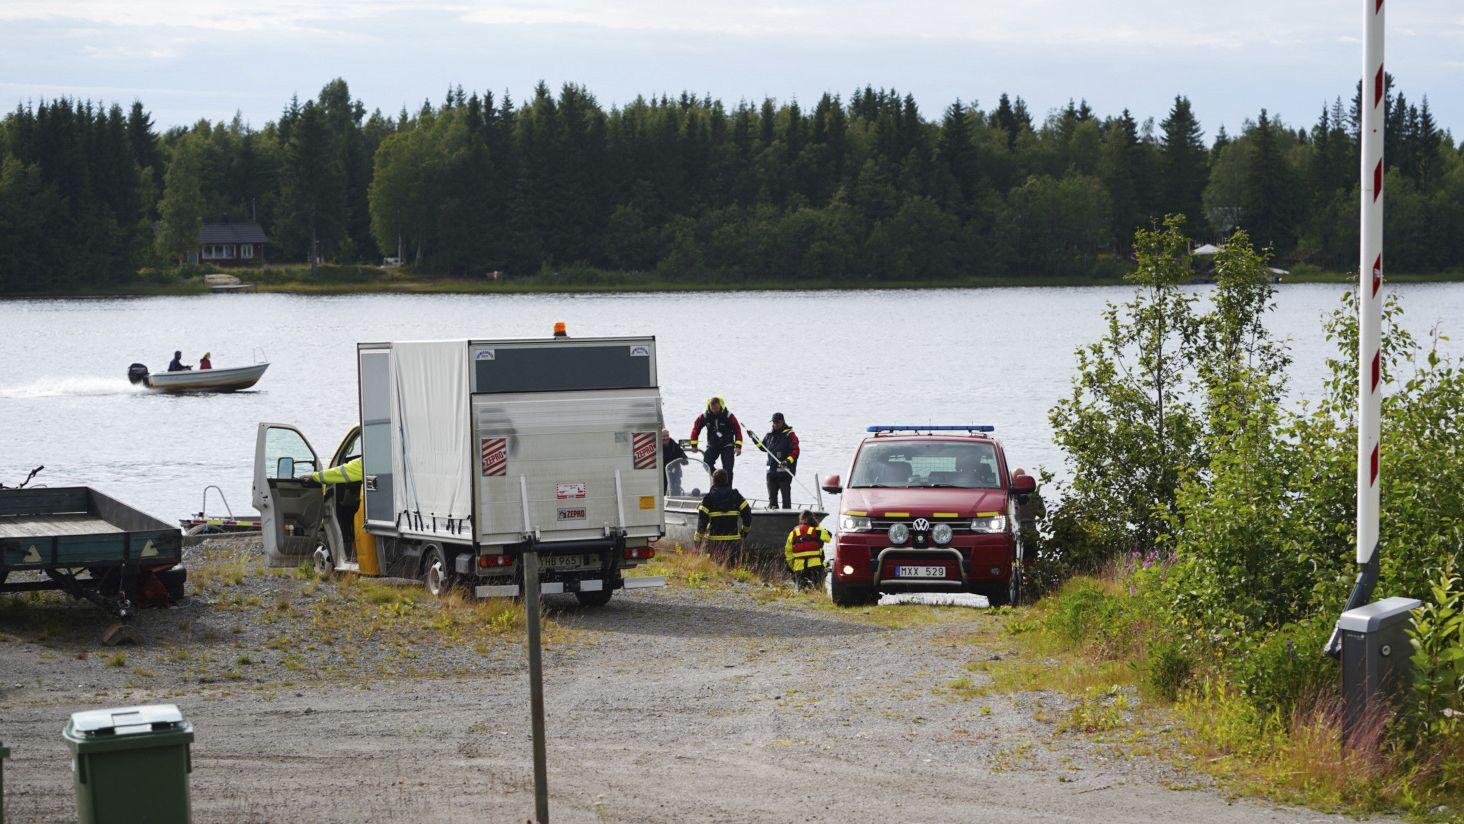 Schweden, Umea: Einsatzkräfte arbeiten nach dem Absturz eines Kleinflugzeugs an der Unfallstelle.